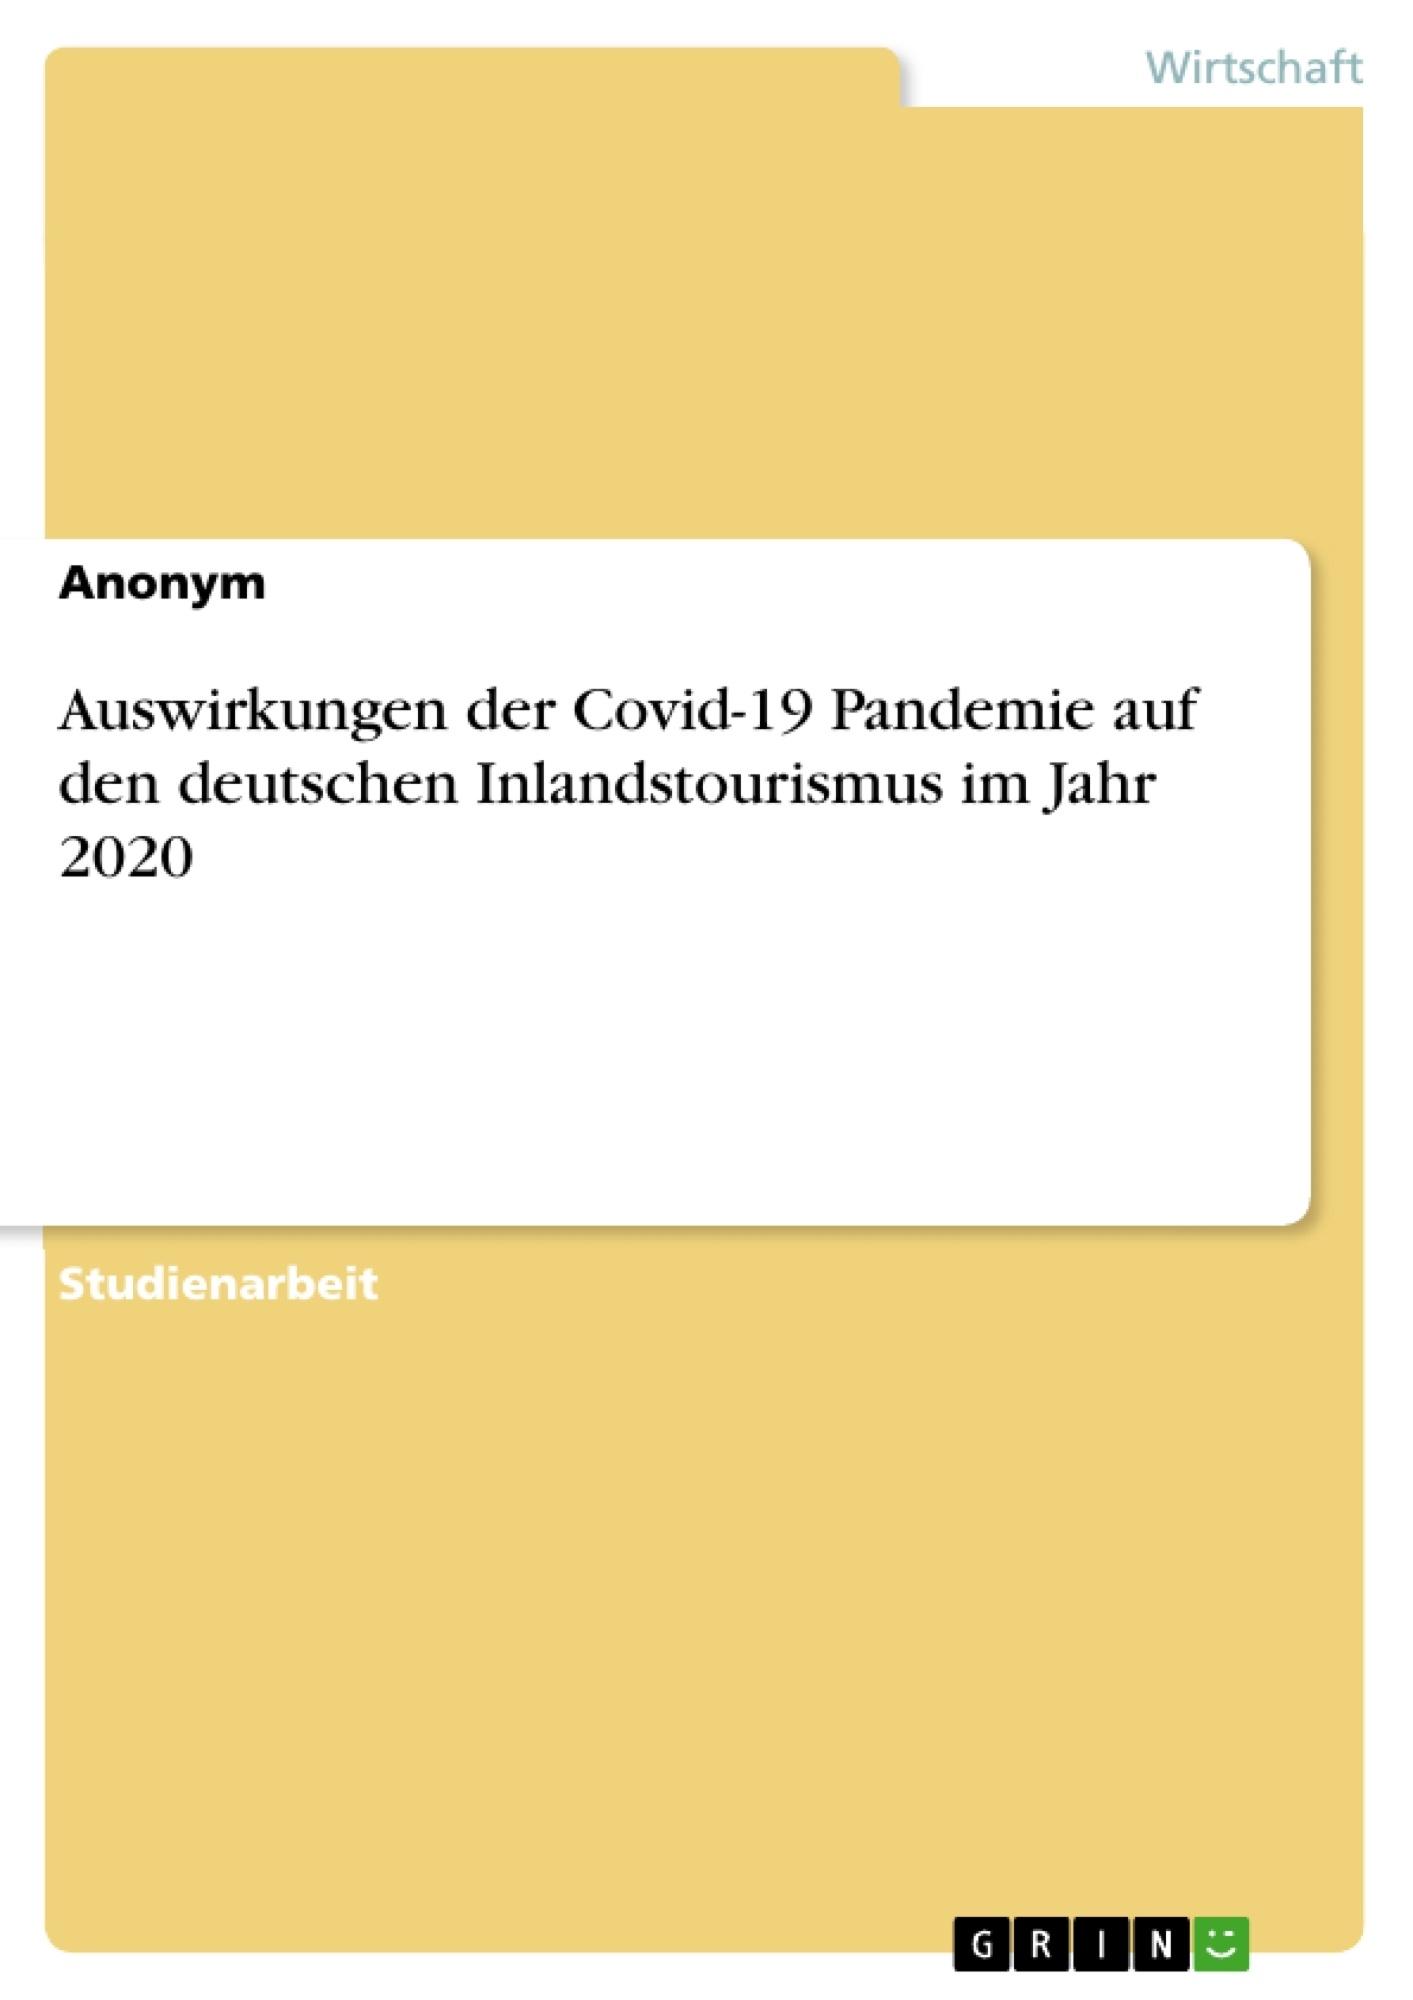 Titel: Auswirkungen der Covid-19 Pandemie auf den deutschen Inlandstourismus im Jahr 2020